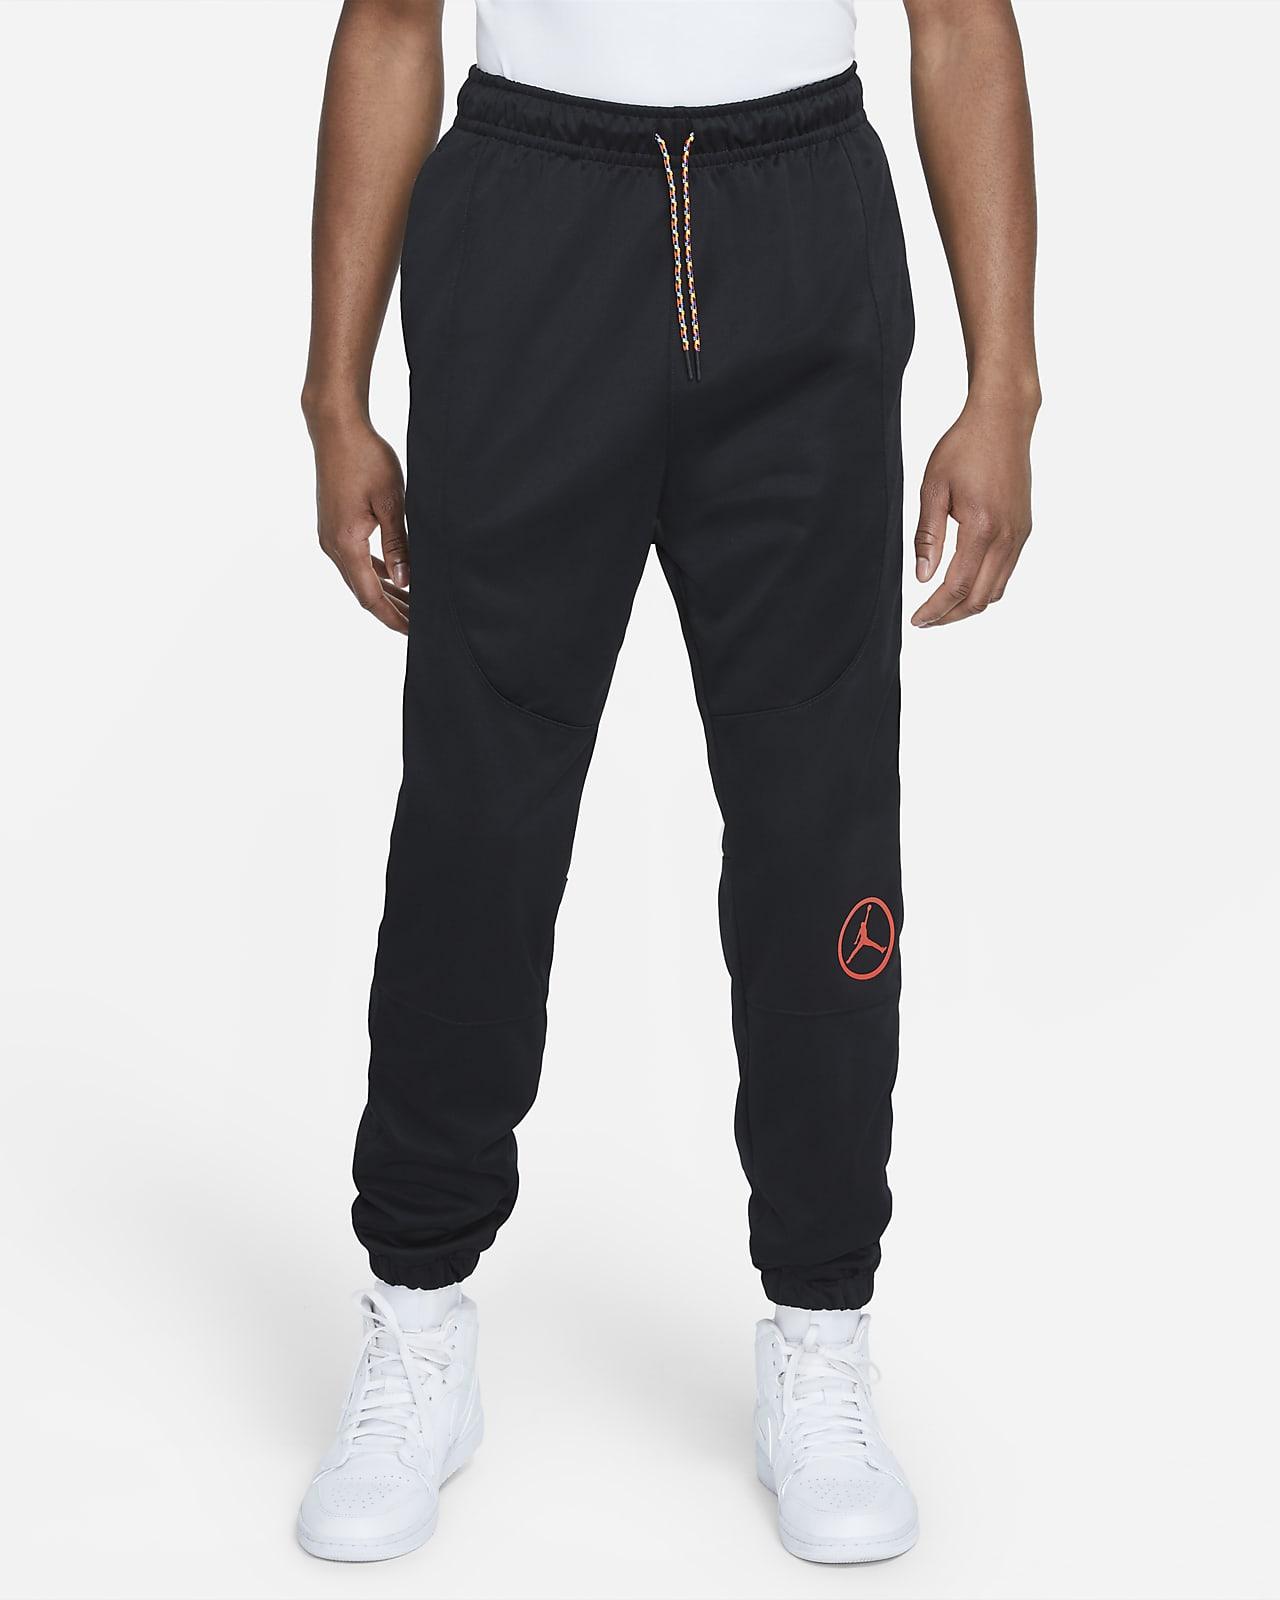 Jordan Sport DNA Pantalons de teixit tricot HBR - Home